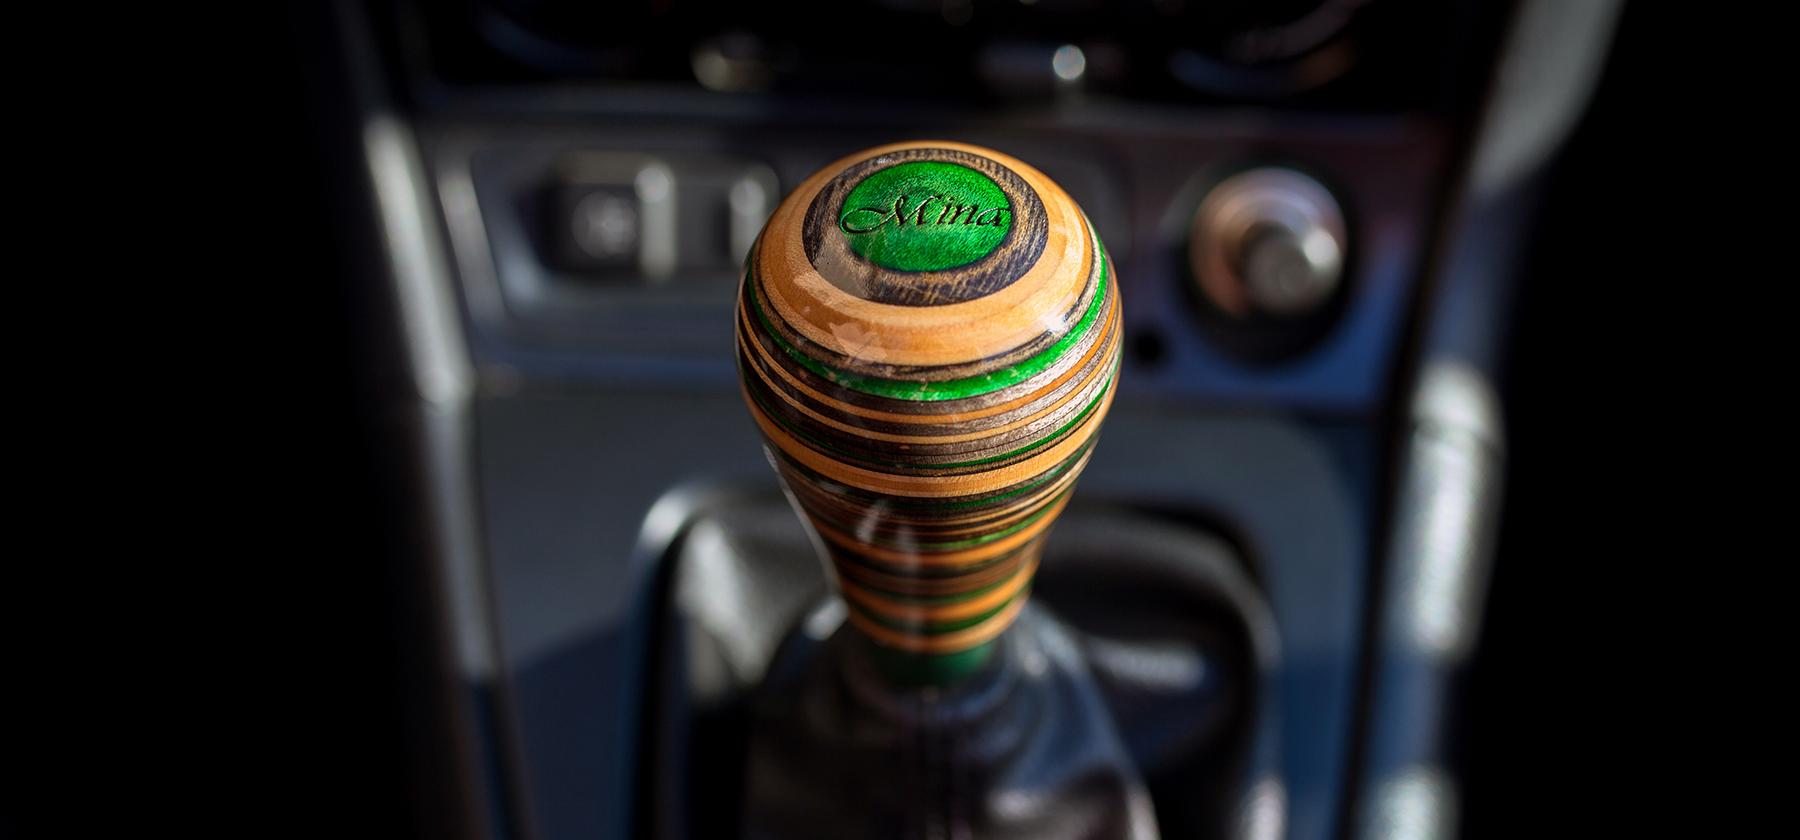 mx-5 shift knob